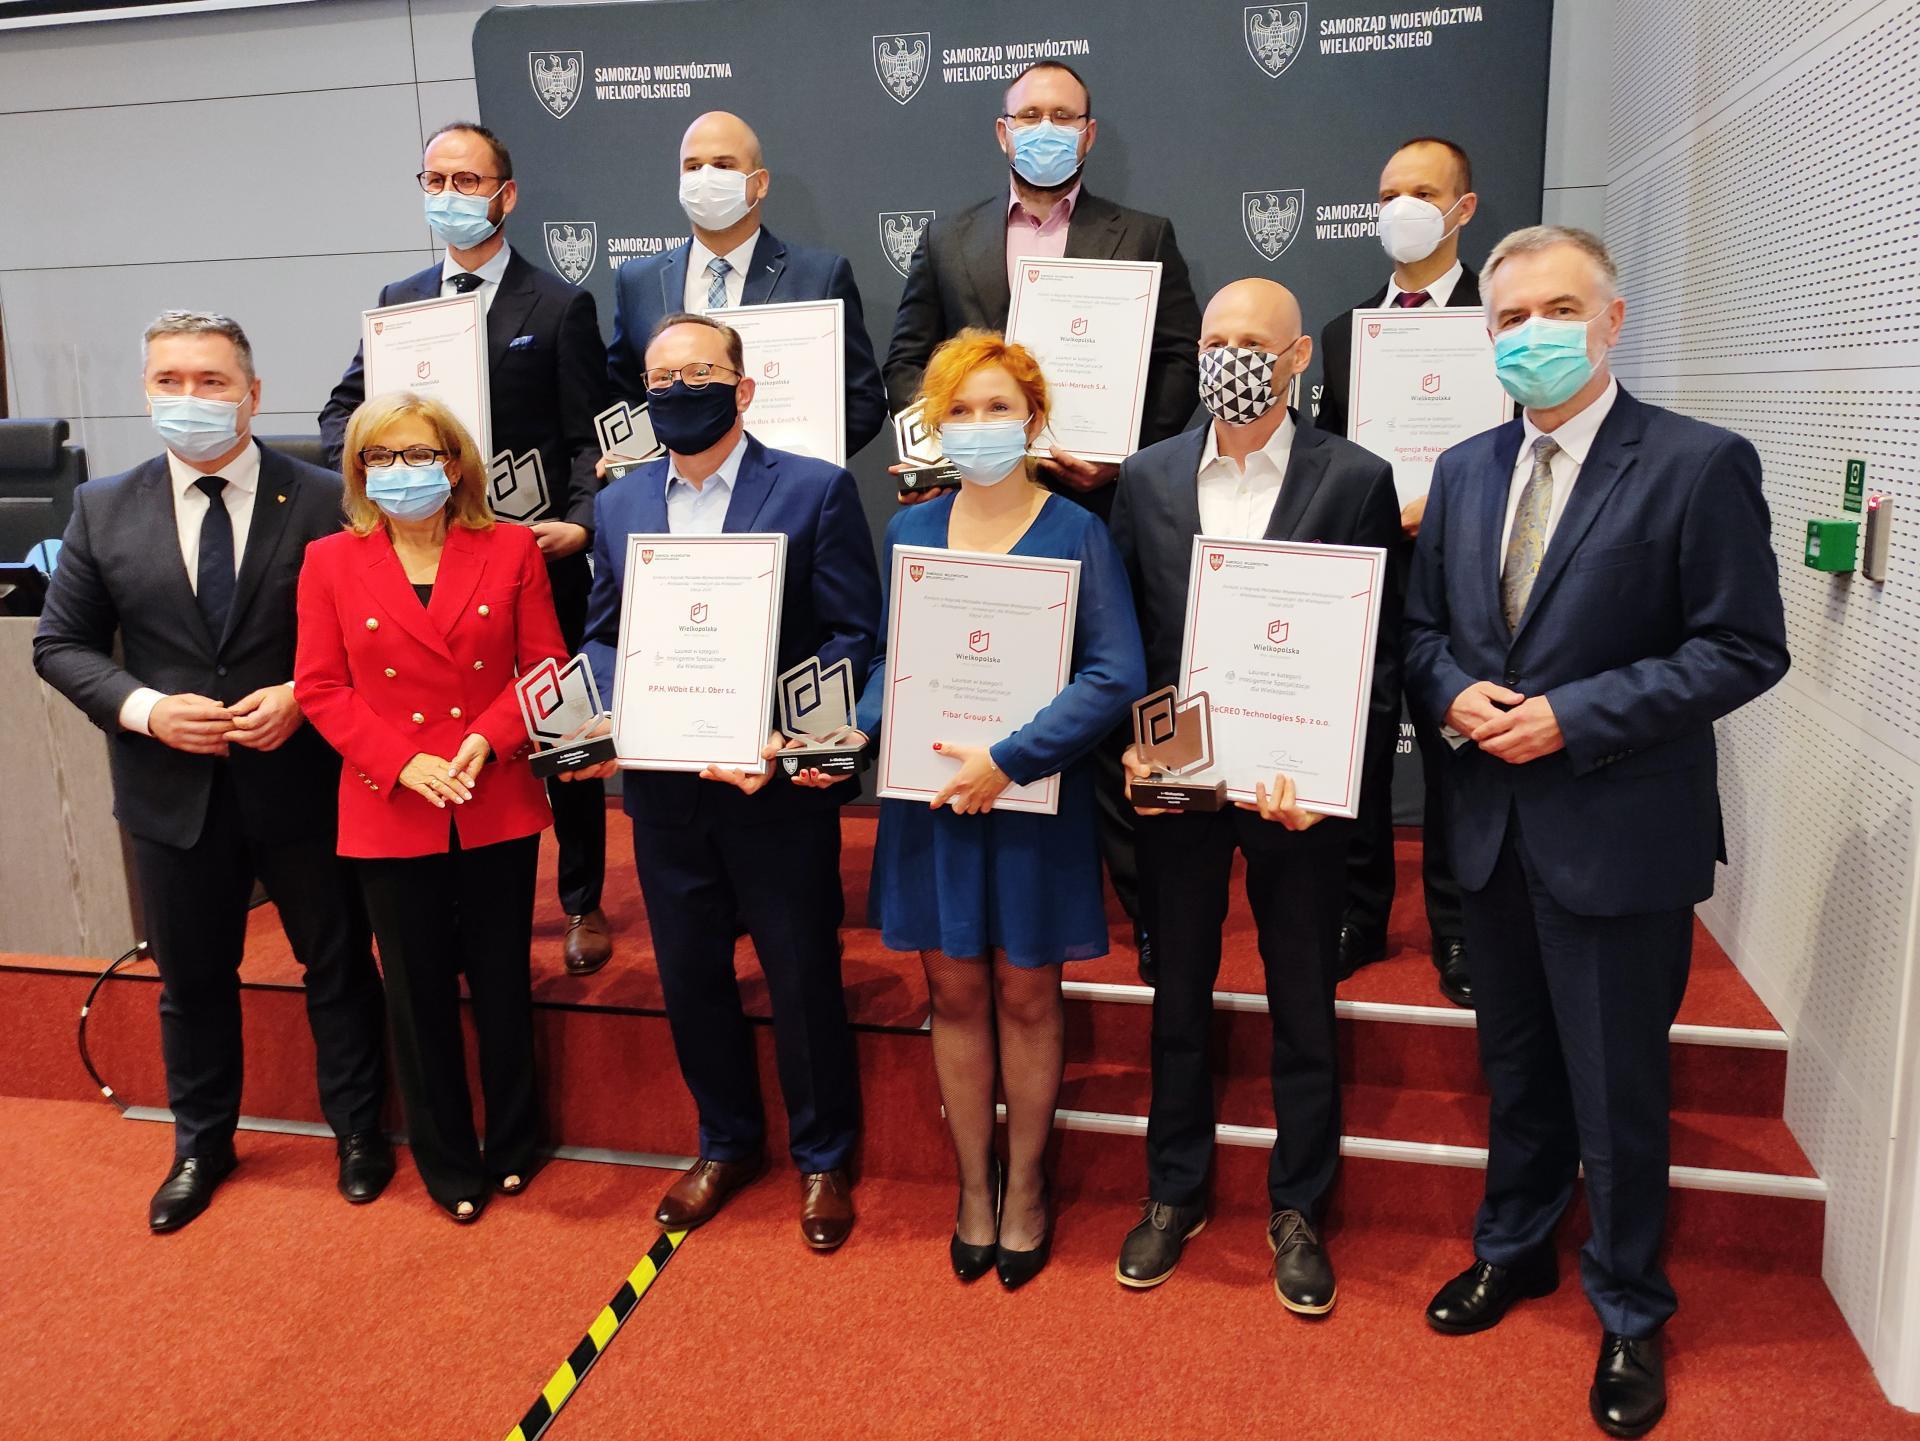 Nagrody od Marszałka dla przedsiębiorców za innowacyjność - zobacz więcej